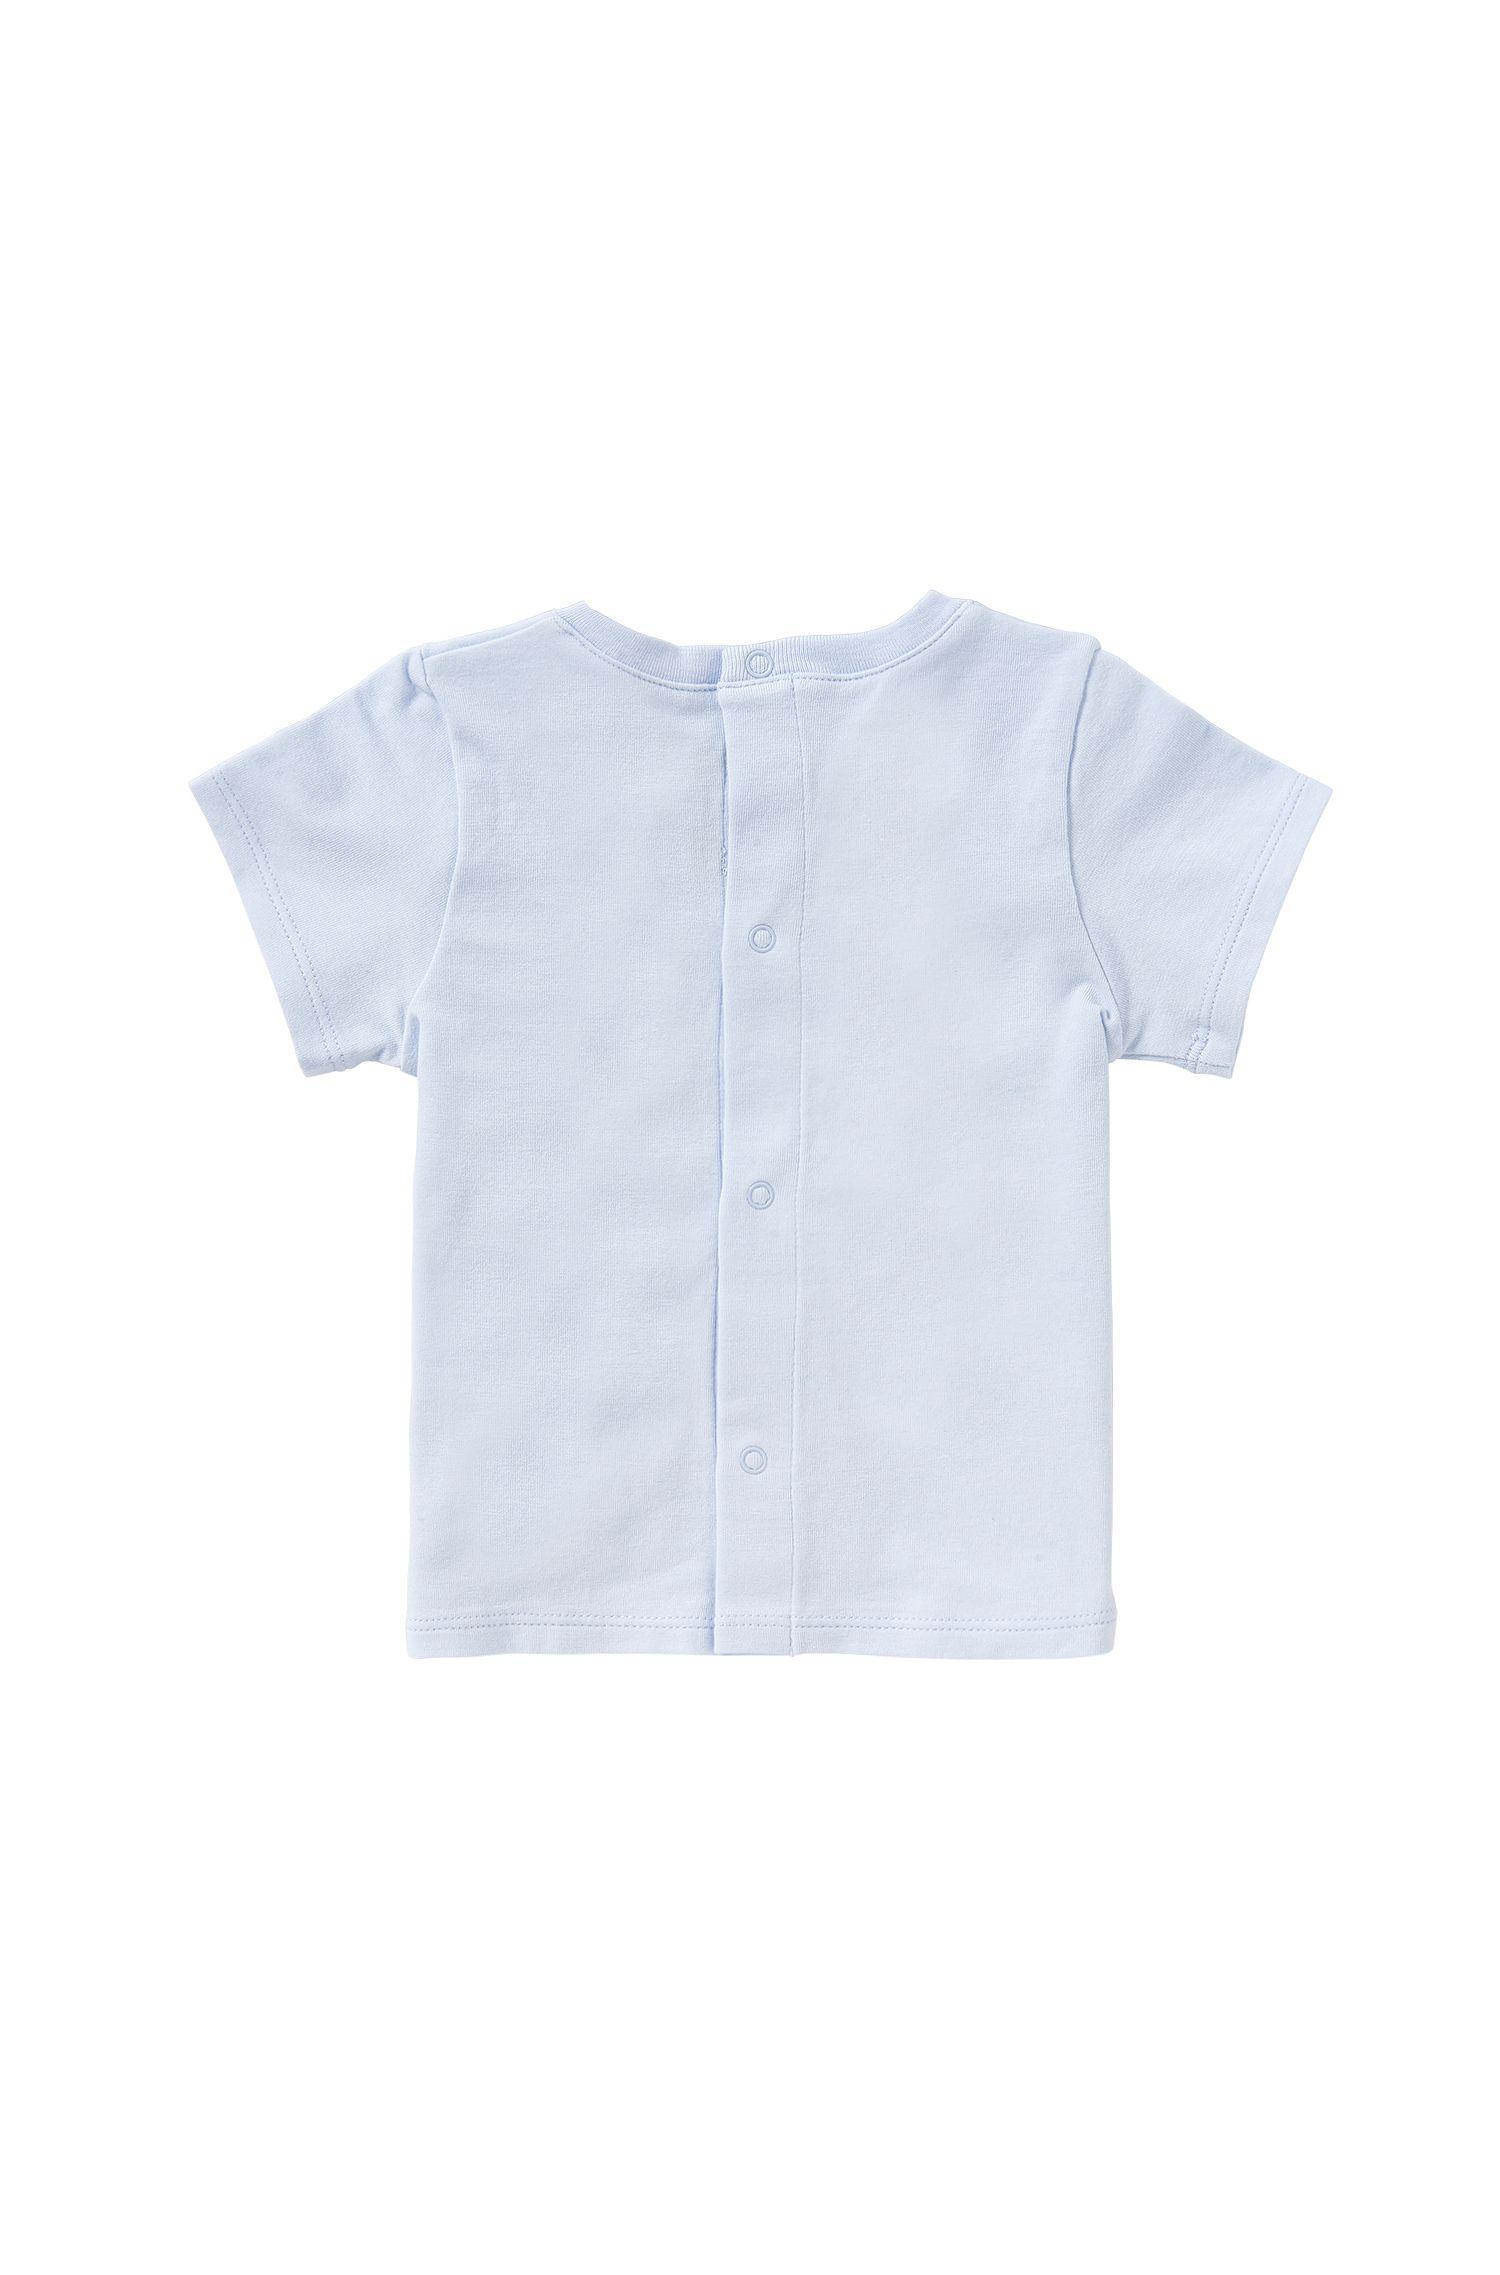 T-shirt voor baby's, van katoen met drukknoopsluiting op de achterkant: 'J95190'